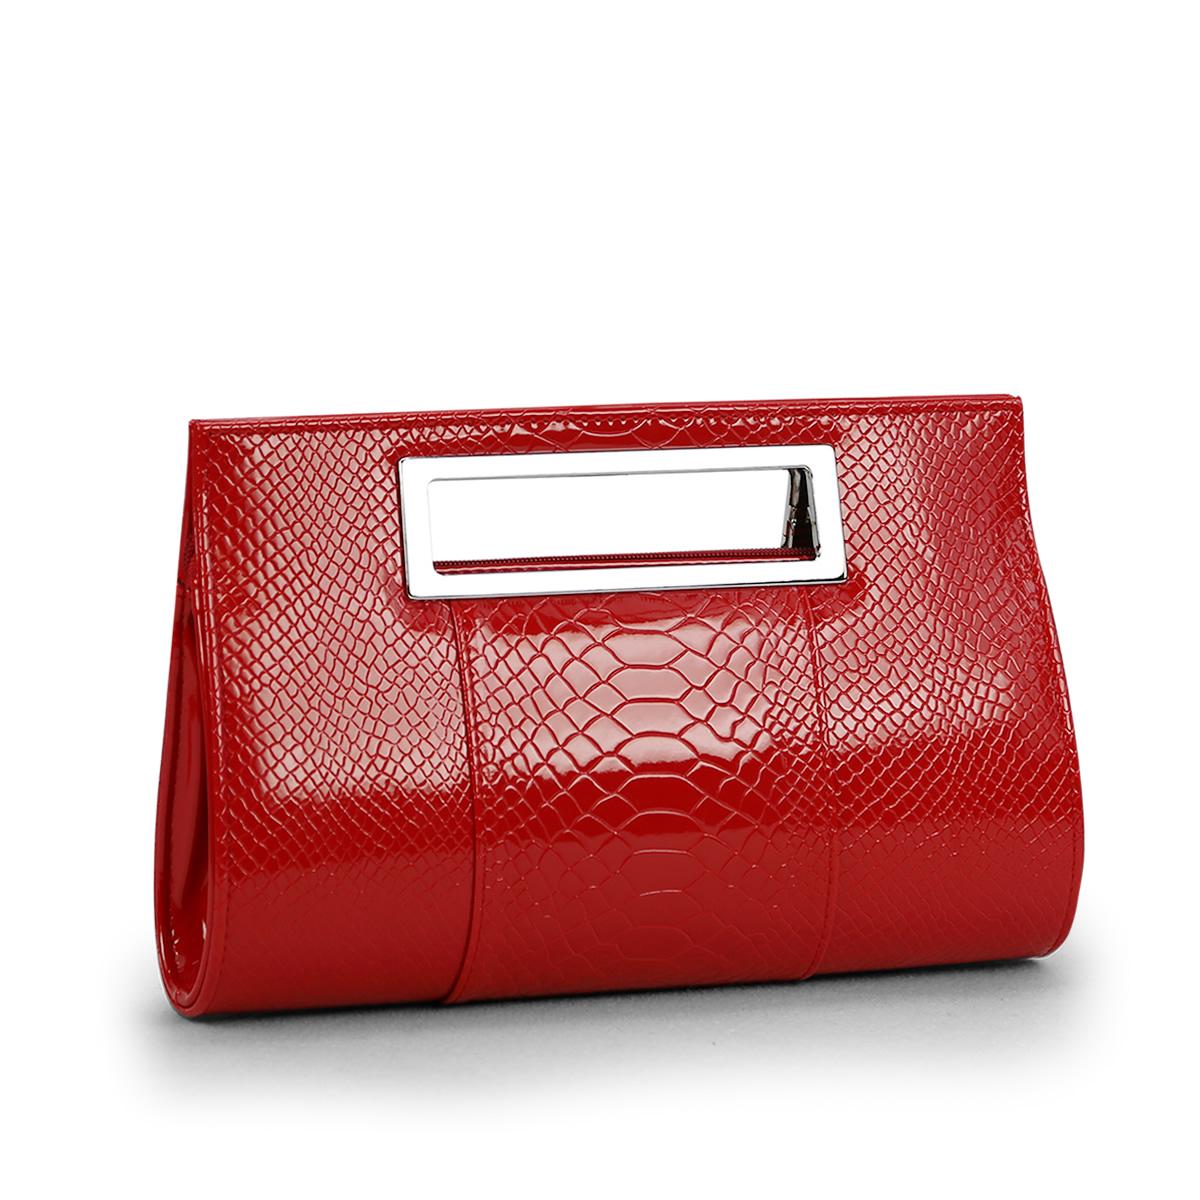 ファッション的な淑女のバッグ2020光沢のあるクロコダイルの模様のpu皮の手はバッグの片肩側のリュックサックを持って斜めに小さい袋にまたがります。